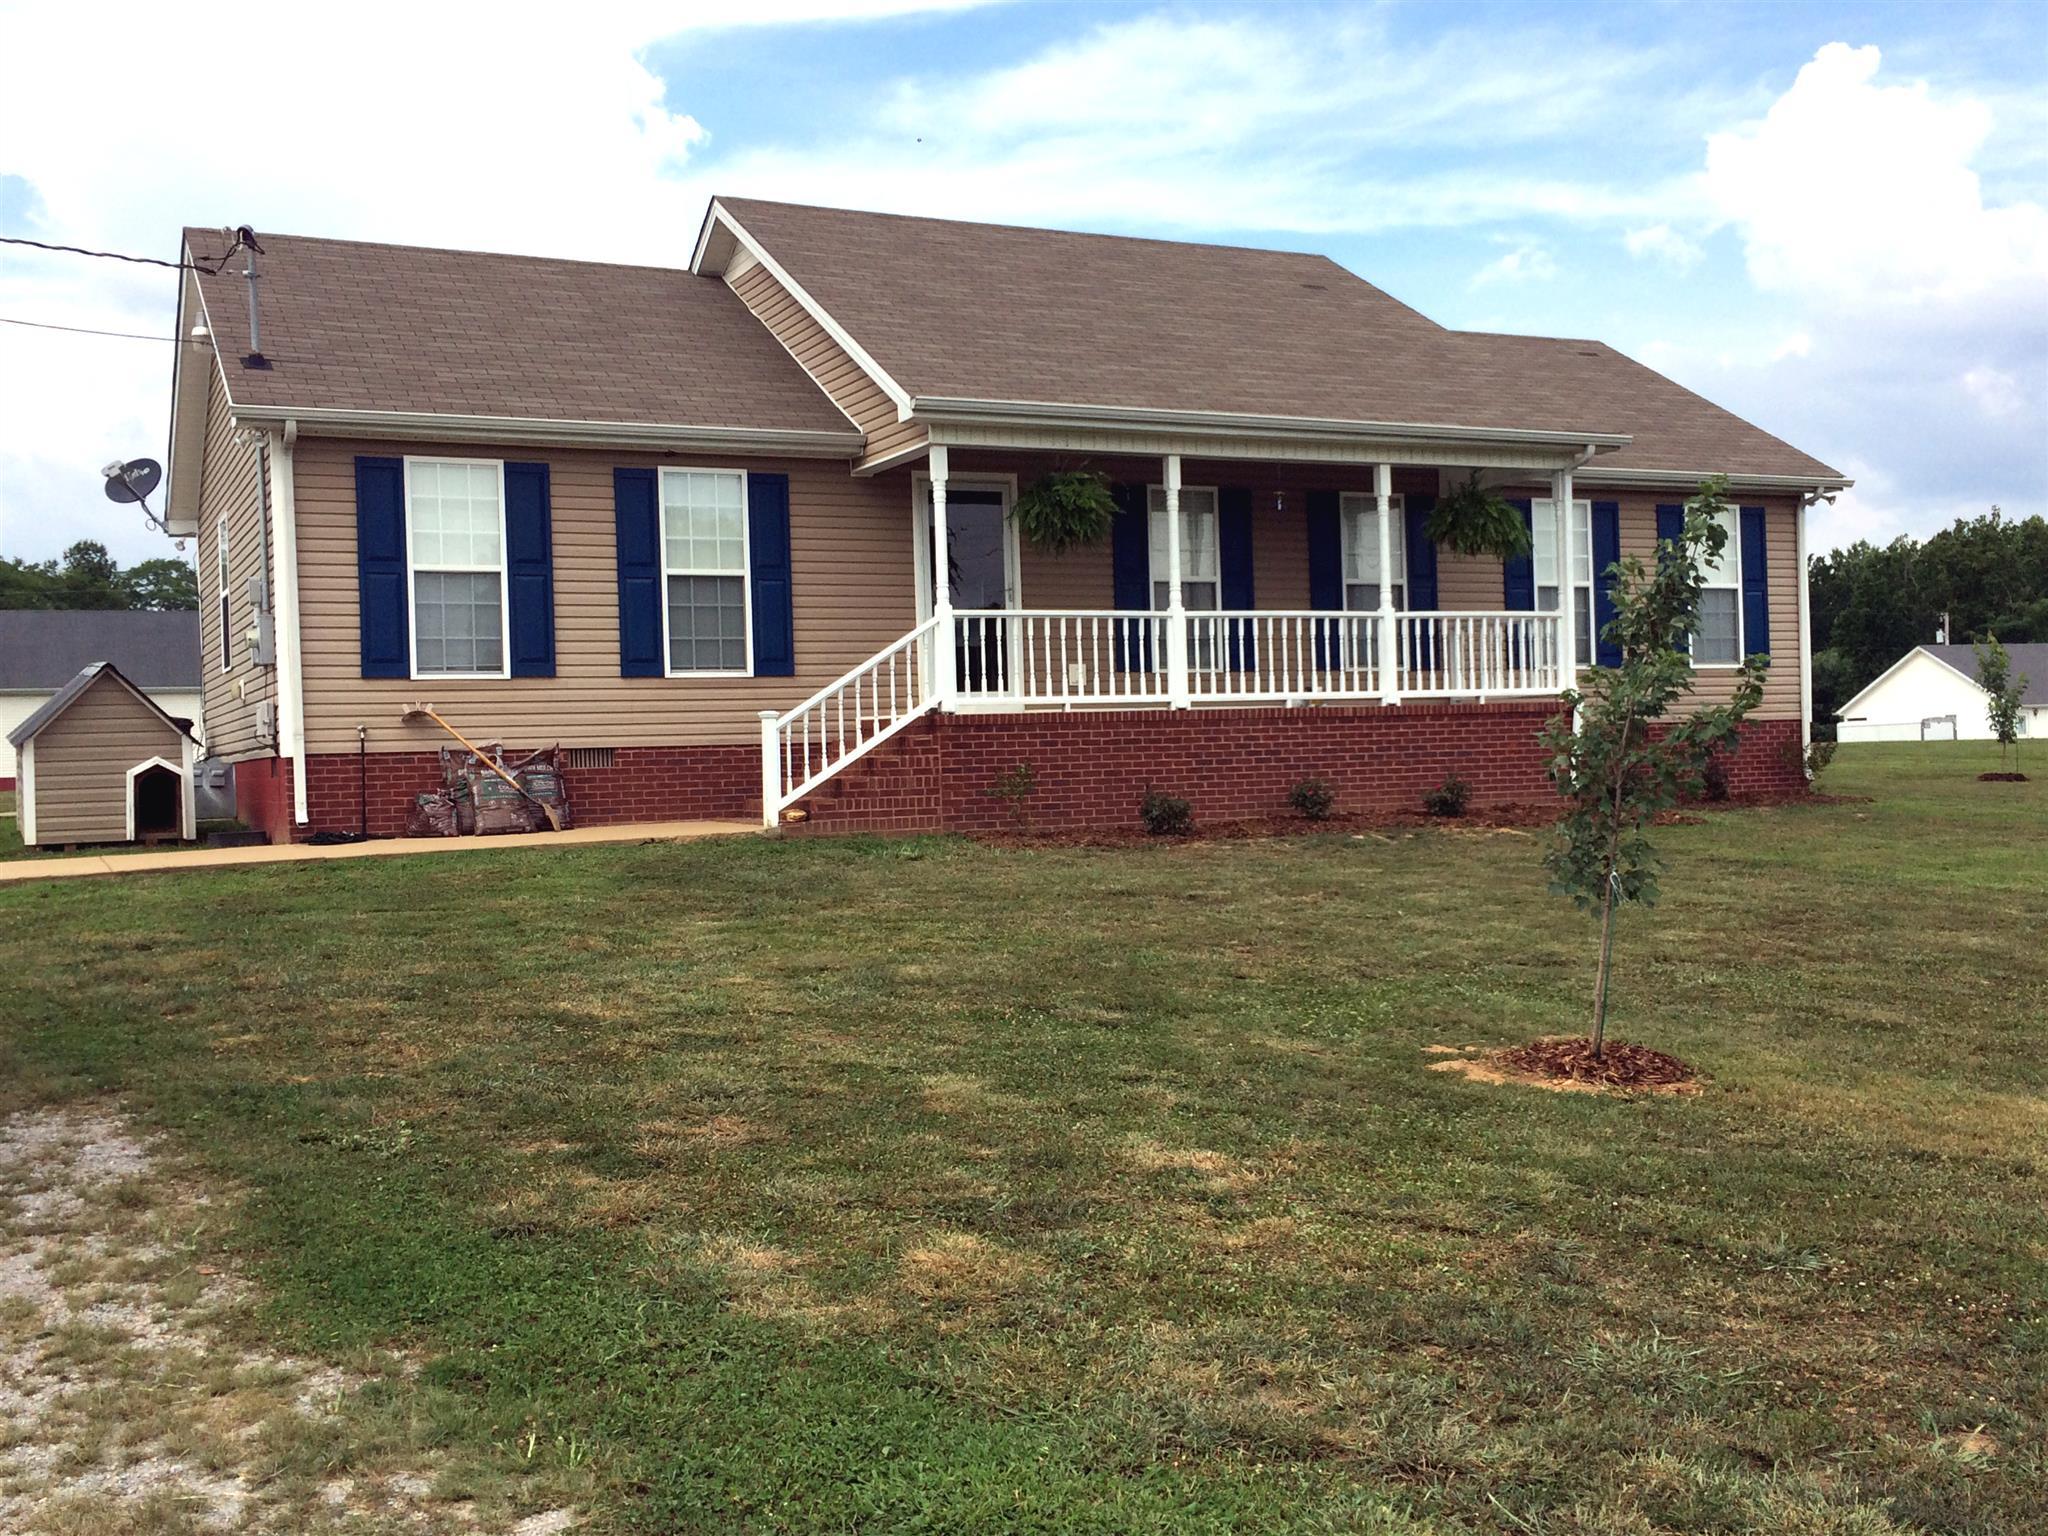 451 Powell Chapel Rd, Pulaski, TN 38478